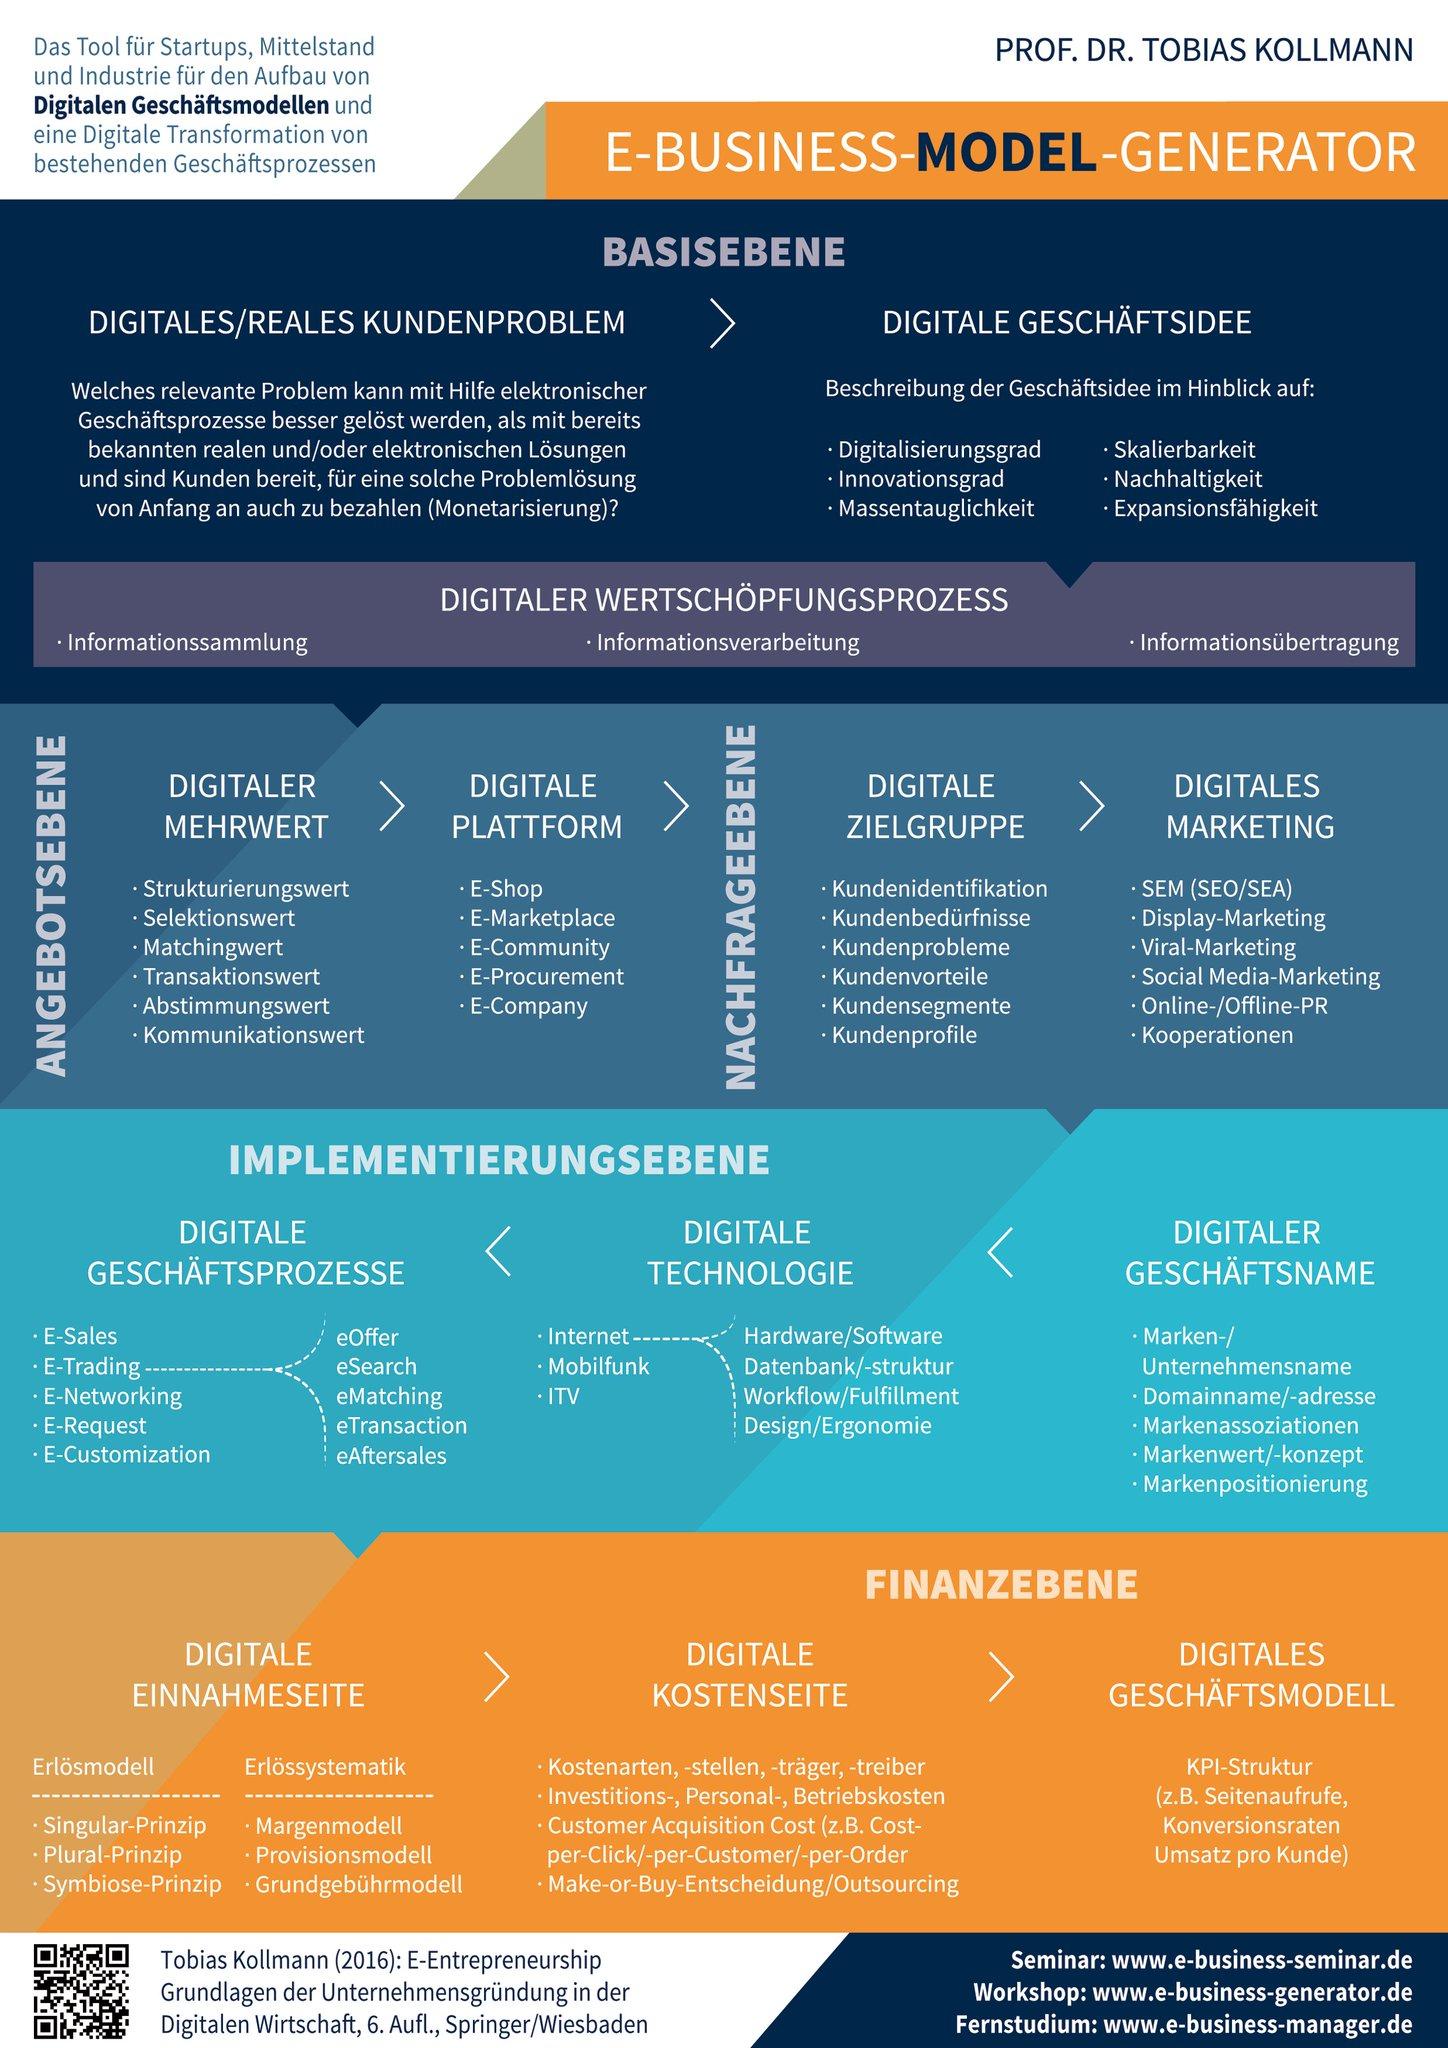 #Infografik: E-Business-Model-Generator als #Business #Model #Canvas speziell für die Digitale Wirtschaft. #teilen https://t.co/NQiI81Lvwn